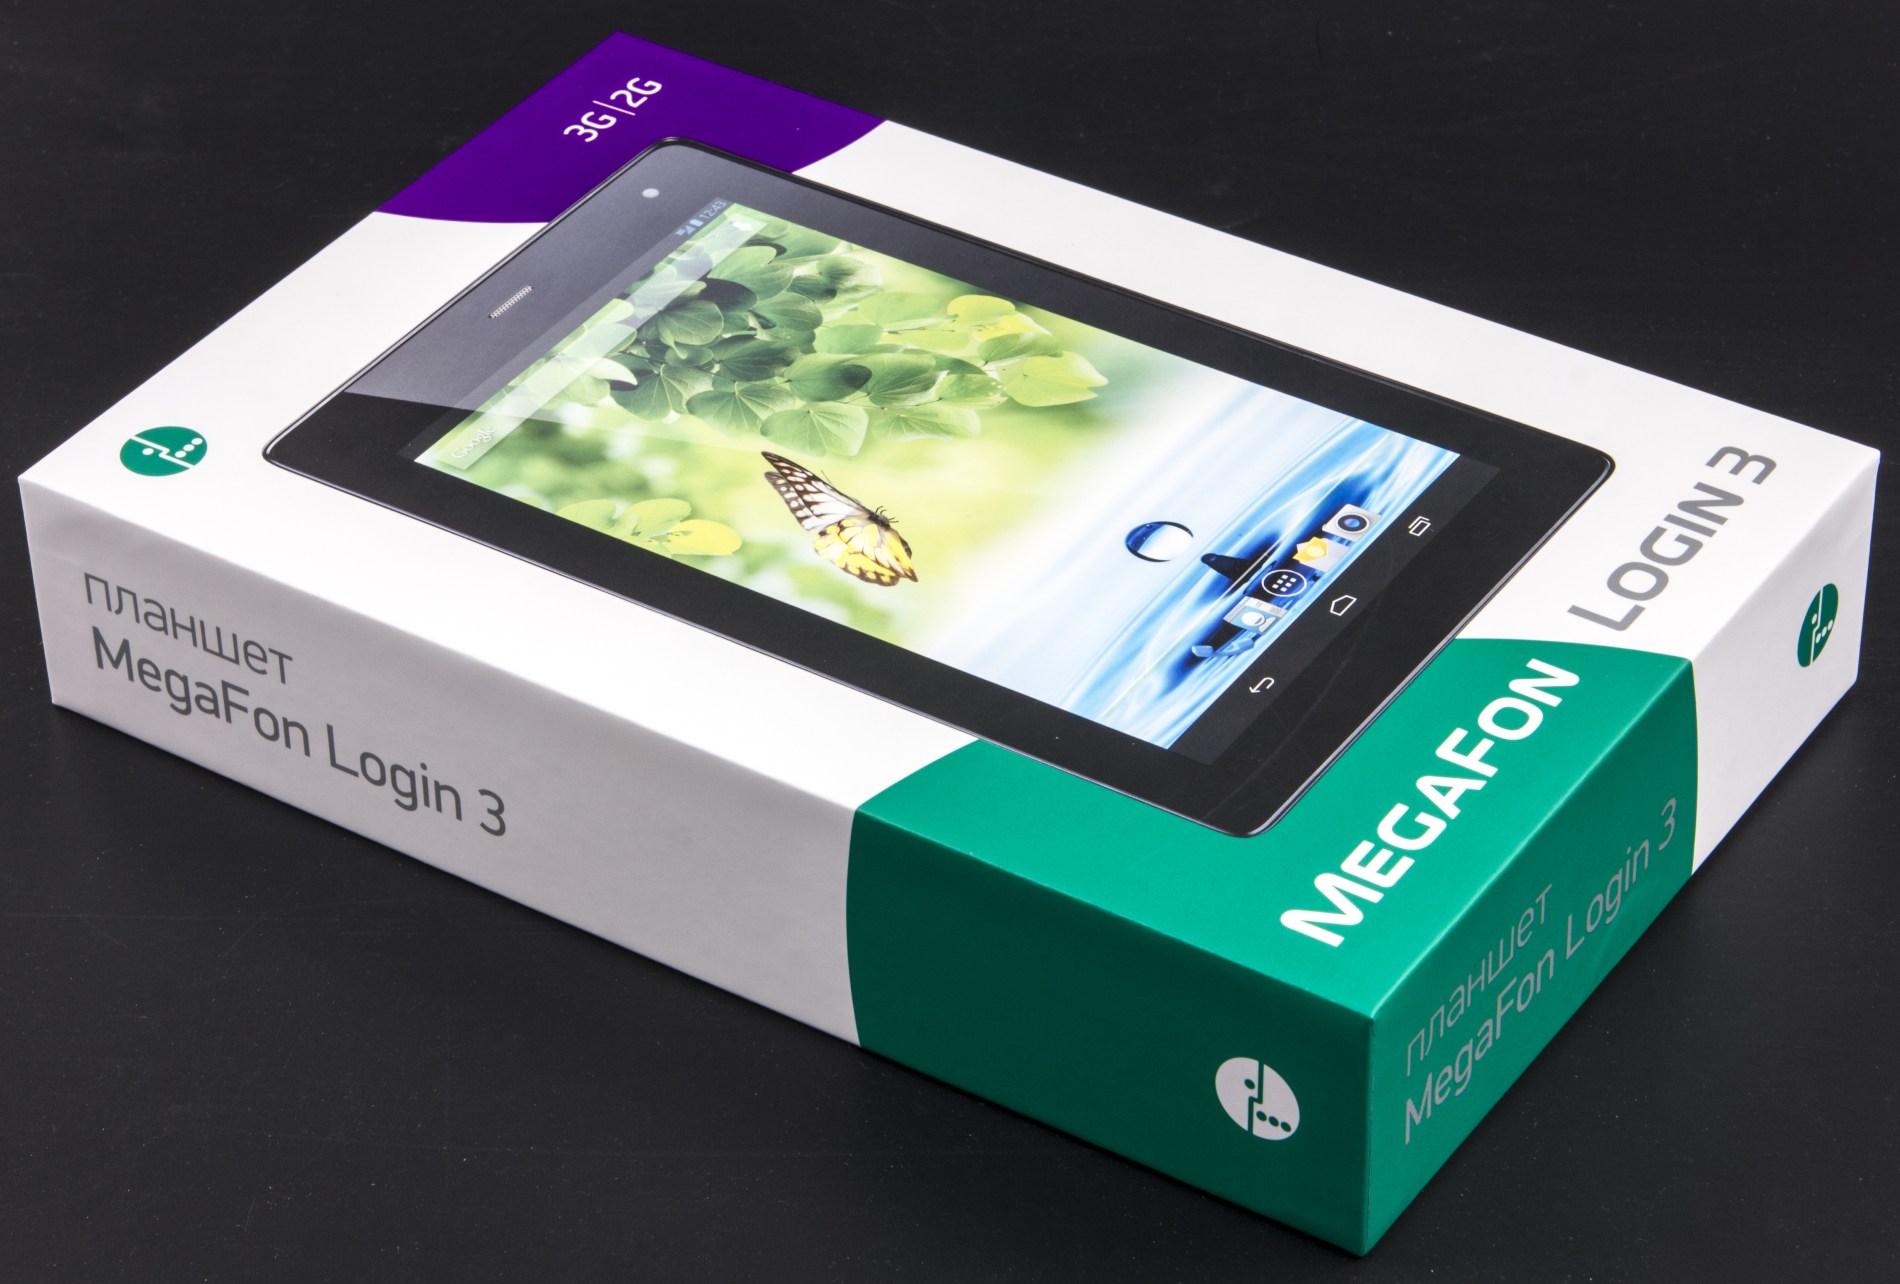 планшет мегафон логин 2 инструкция по применению